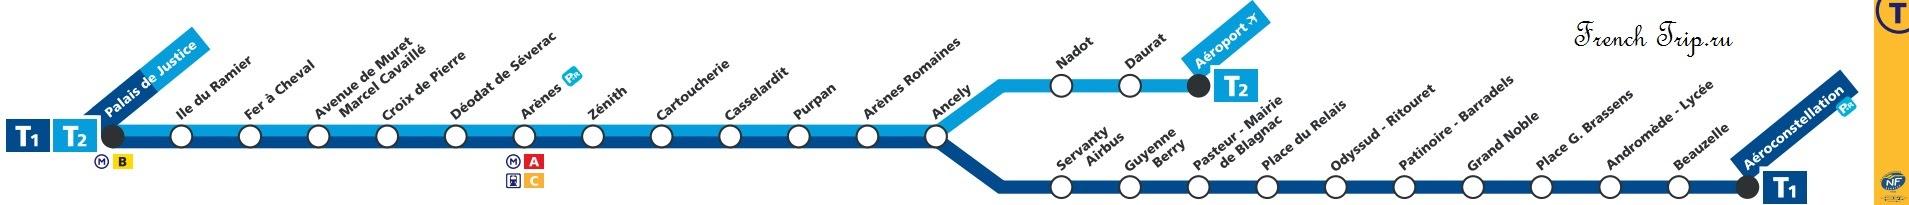 Маршрут трамвая из аэропорта в Тулузу - Из аэропорта в Тулузу - как добраться, сколько стоит, расписание транспорта из аэропорта в Тулузу, маршрут. Стоимость такси из аэропорта в Тулузу